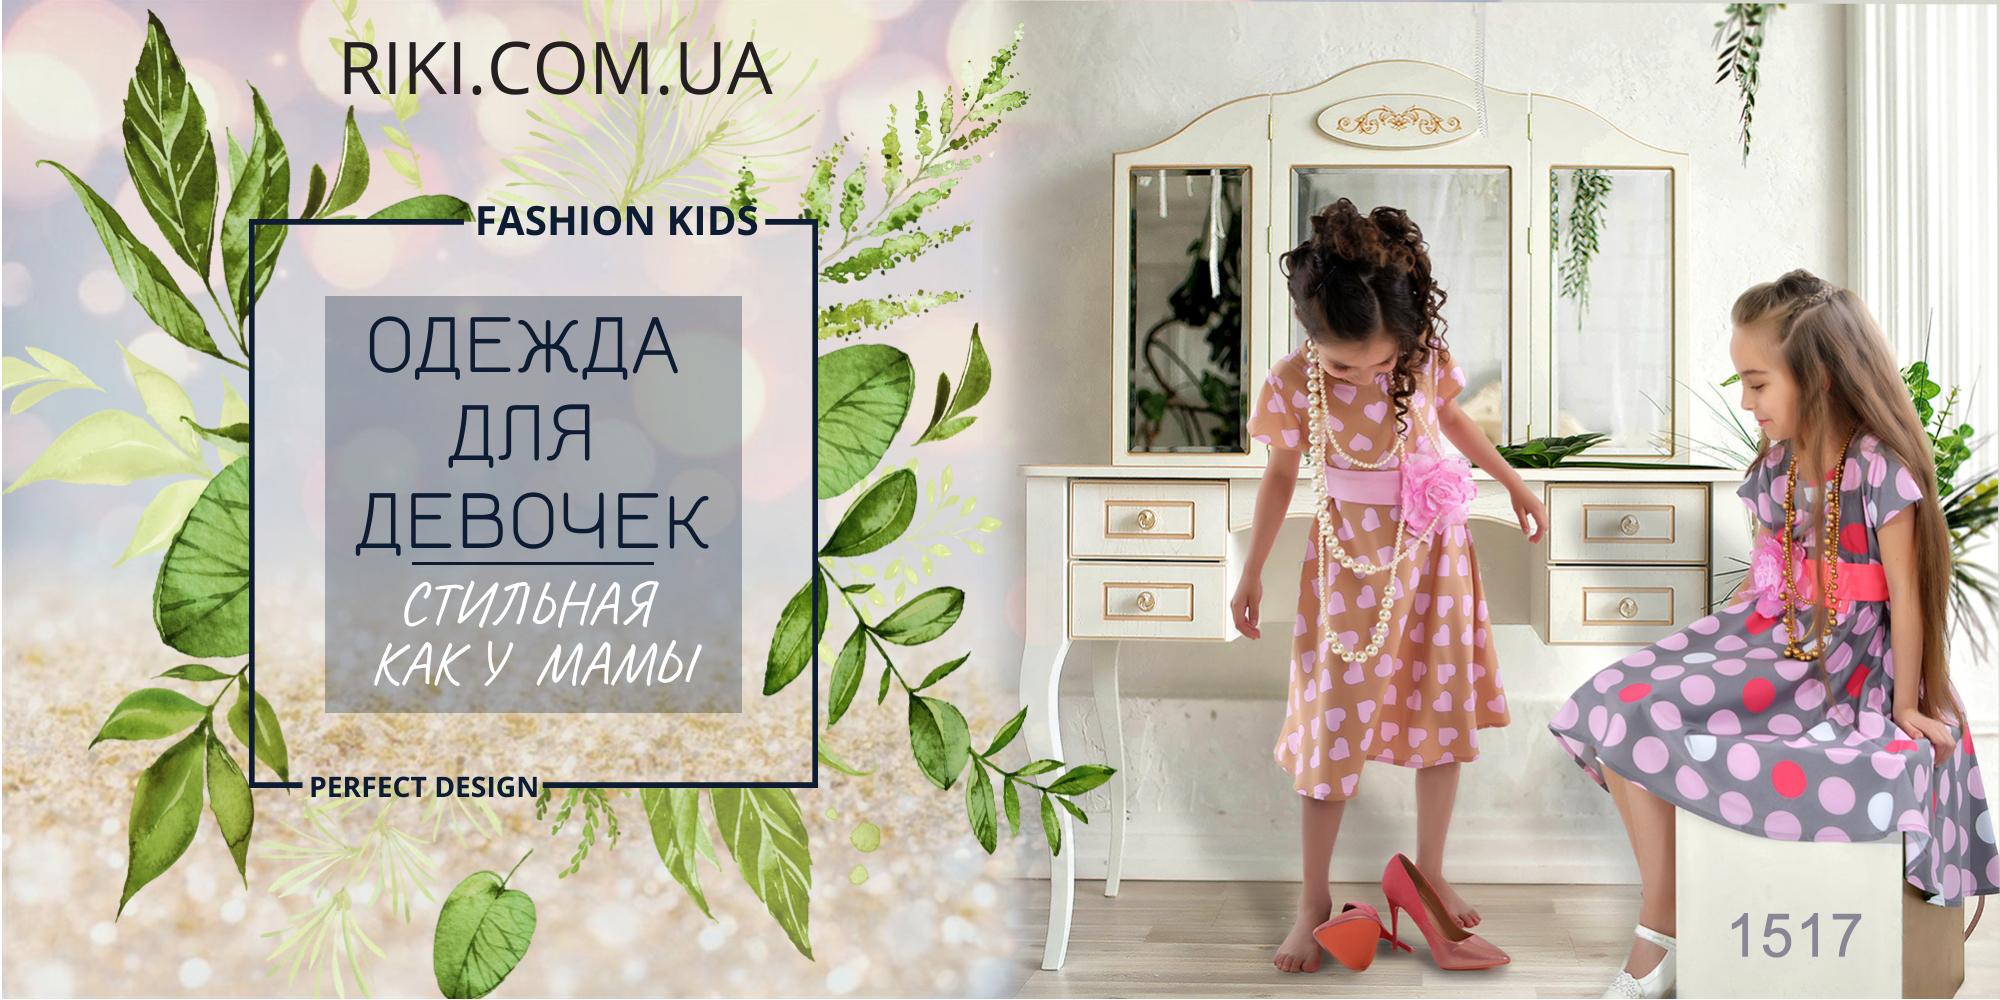 Стильная одежда для девочек от производителя